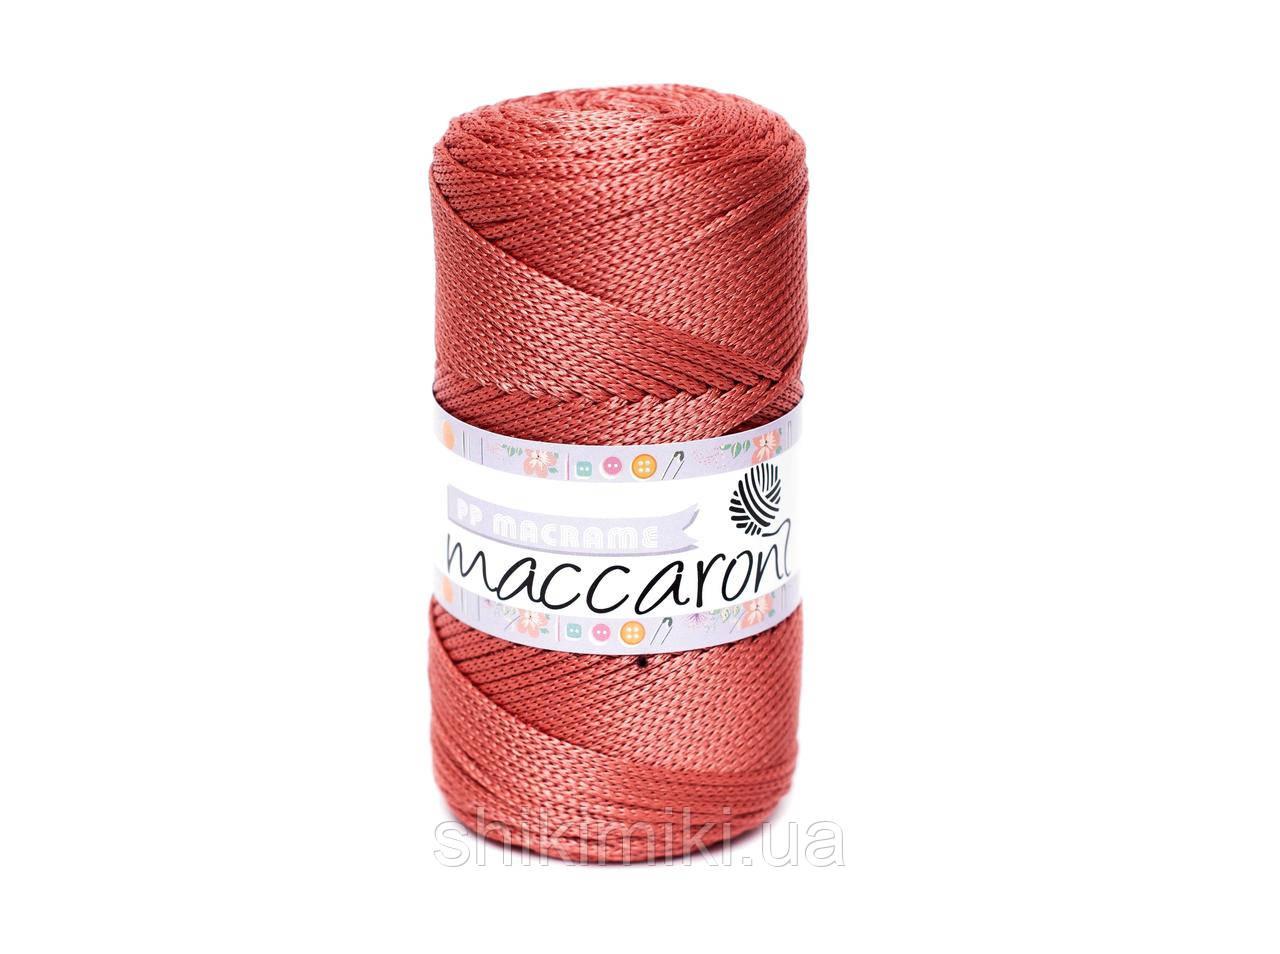 Трикотажный полипропиленовый шнур PP Macrame, цвет Терракотовый